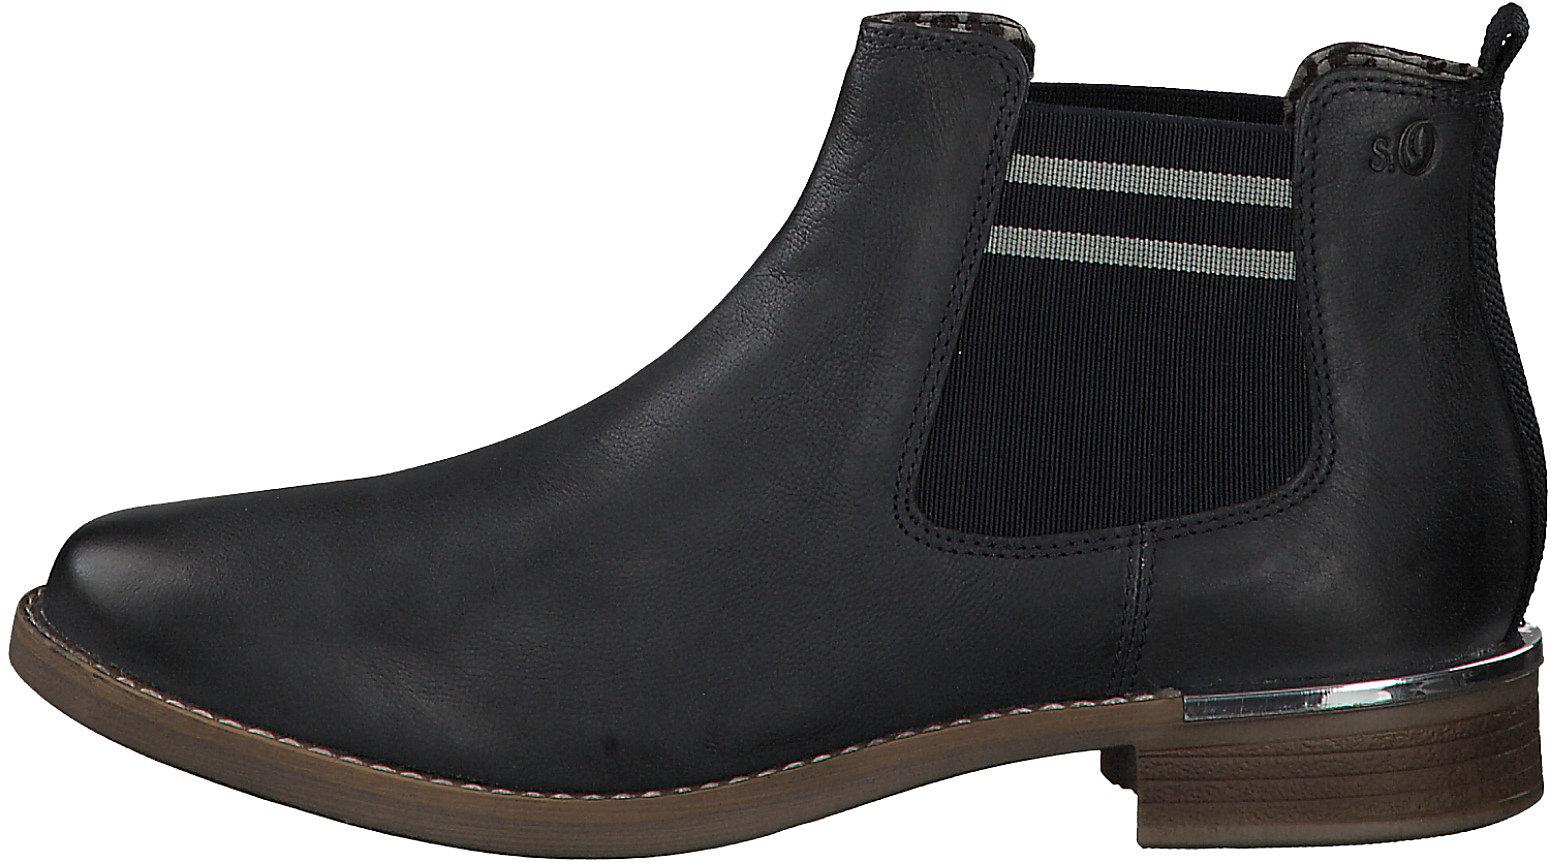 Neu s.Oliver Chelsea Boots 11391003 für Damen